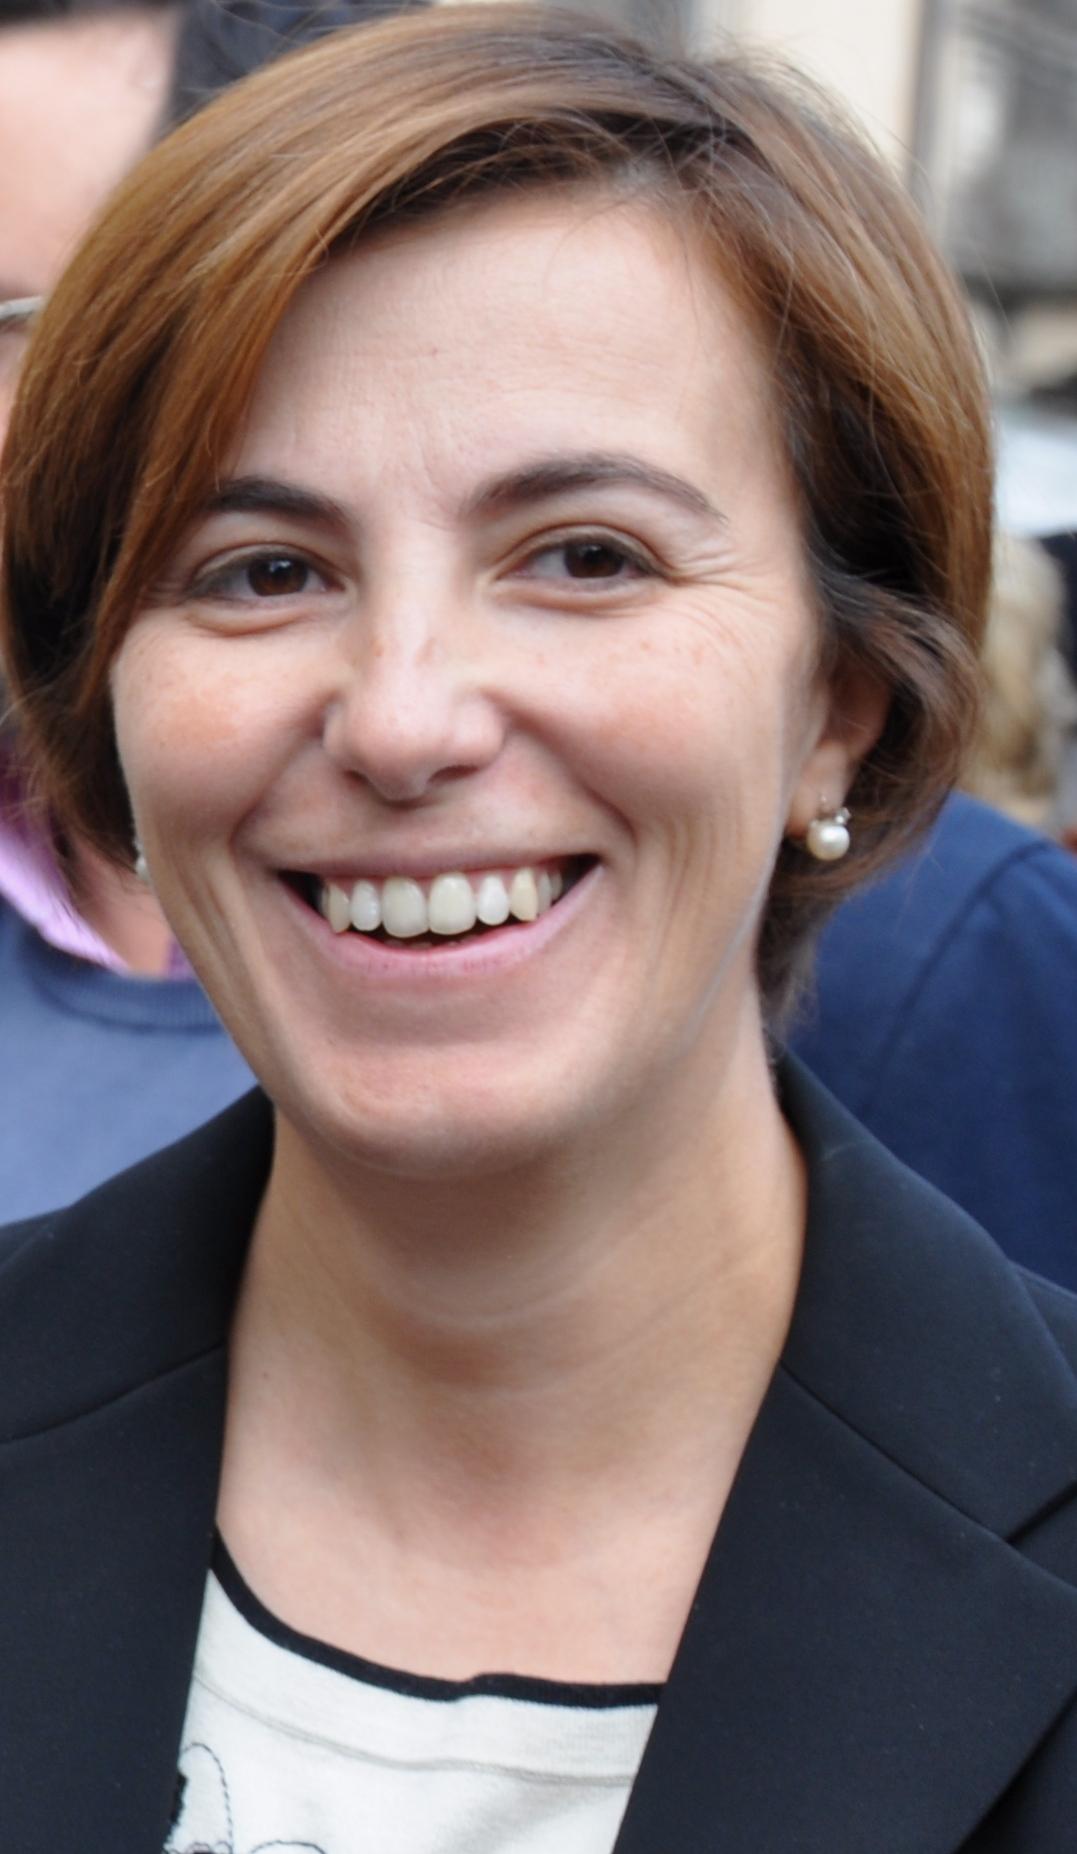 Laura Bottino, presidente del Consiglio Comunale di Paternò e candidato sindaco alle elezioni Amministrative di maggio 2017.